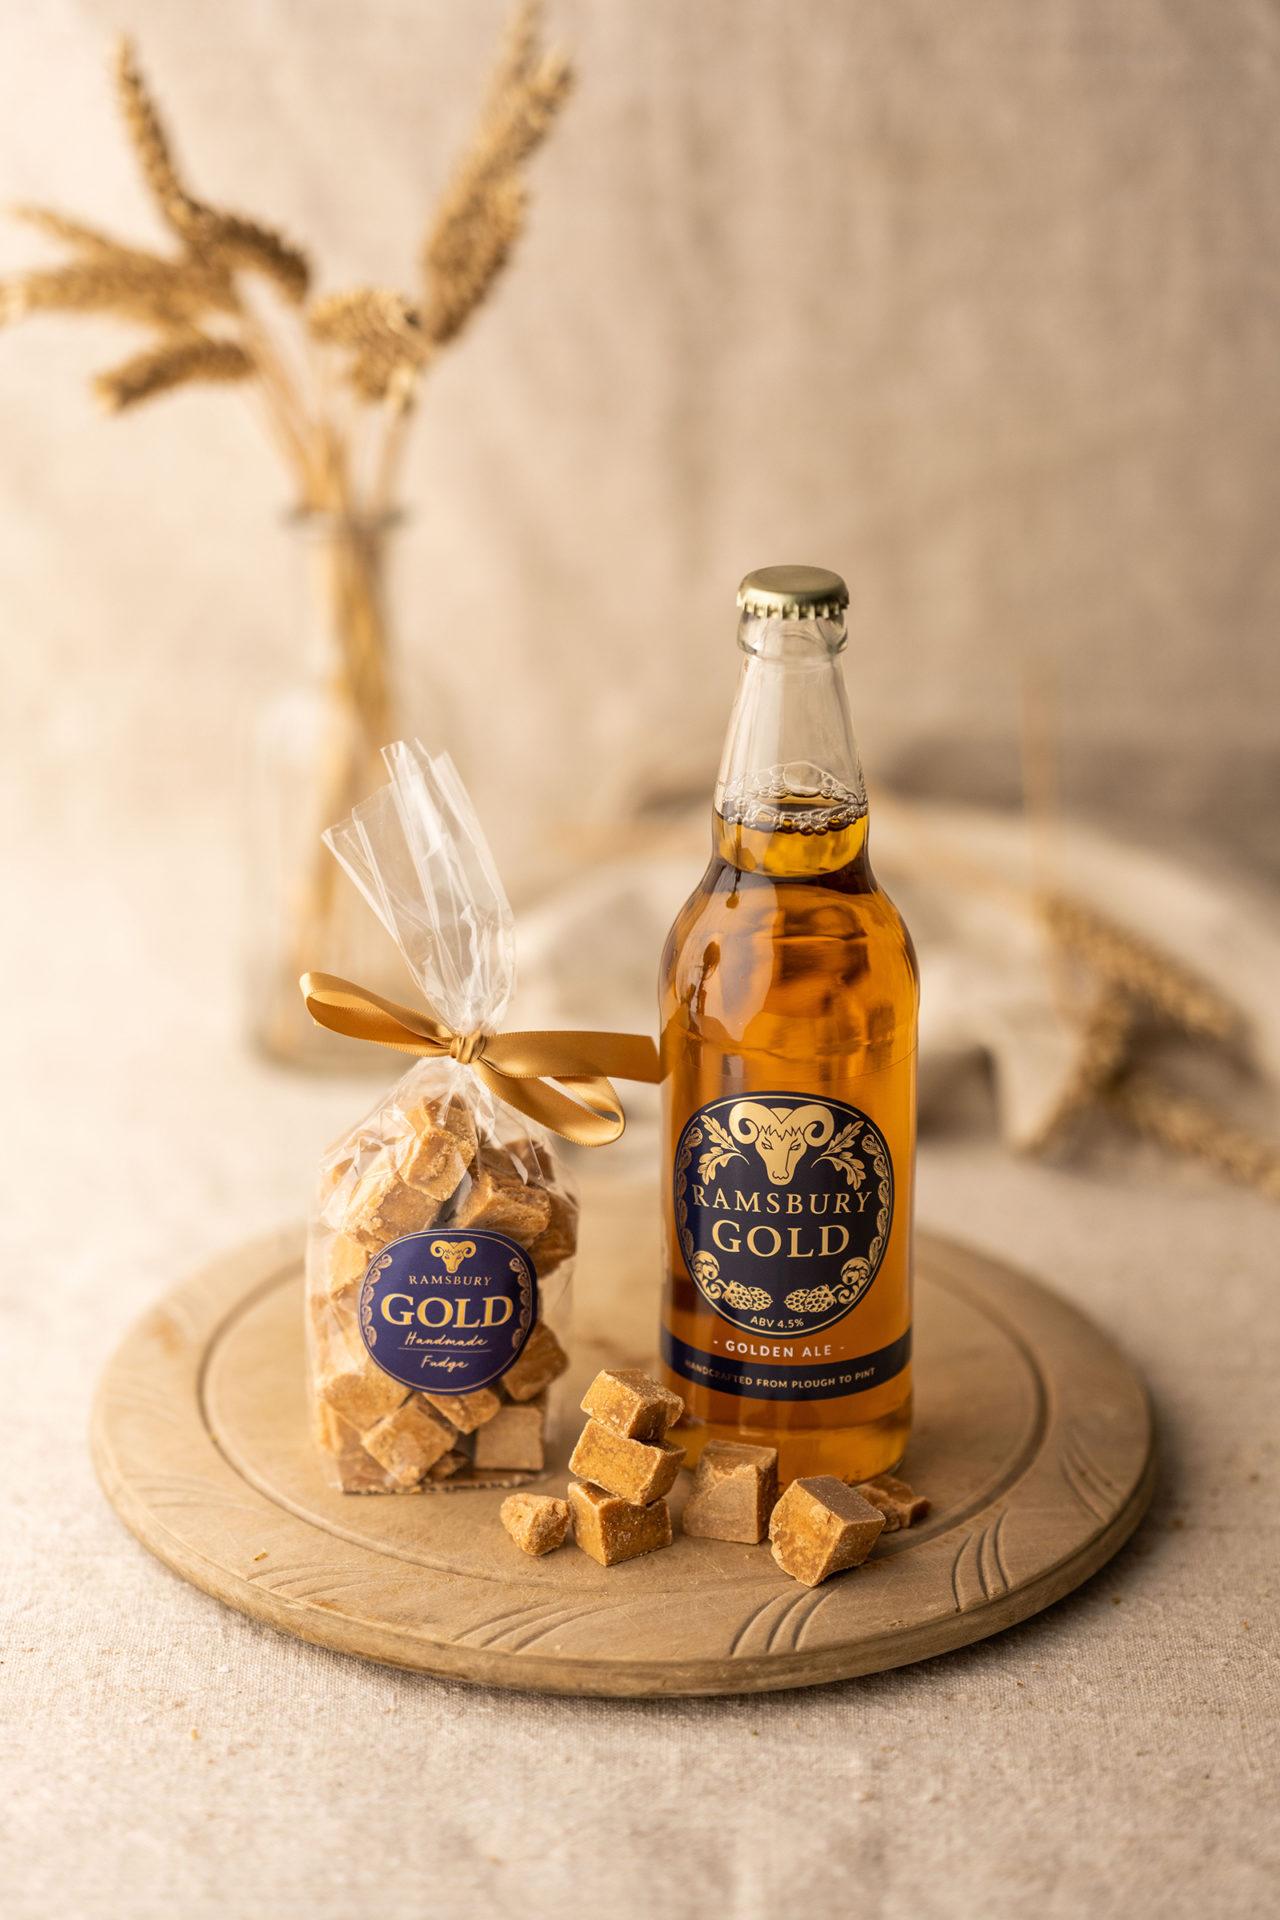 Ramsbury Gold Fudge